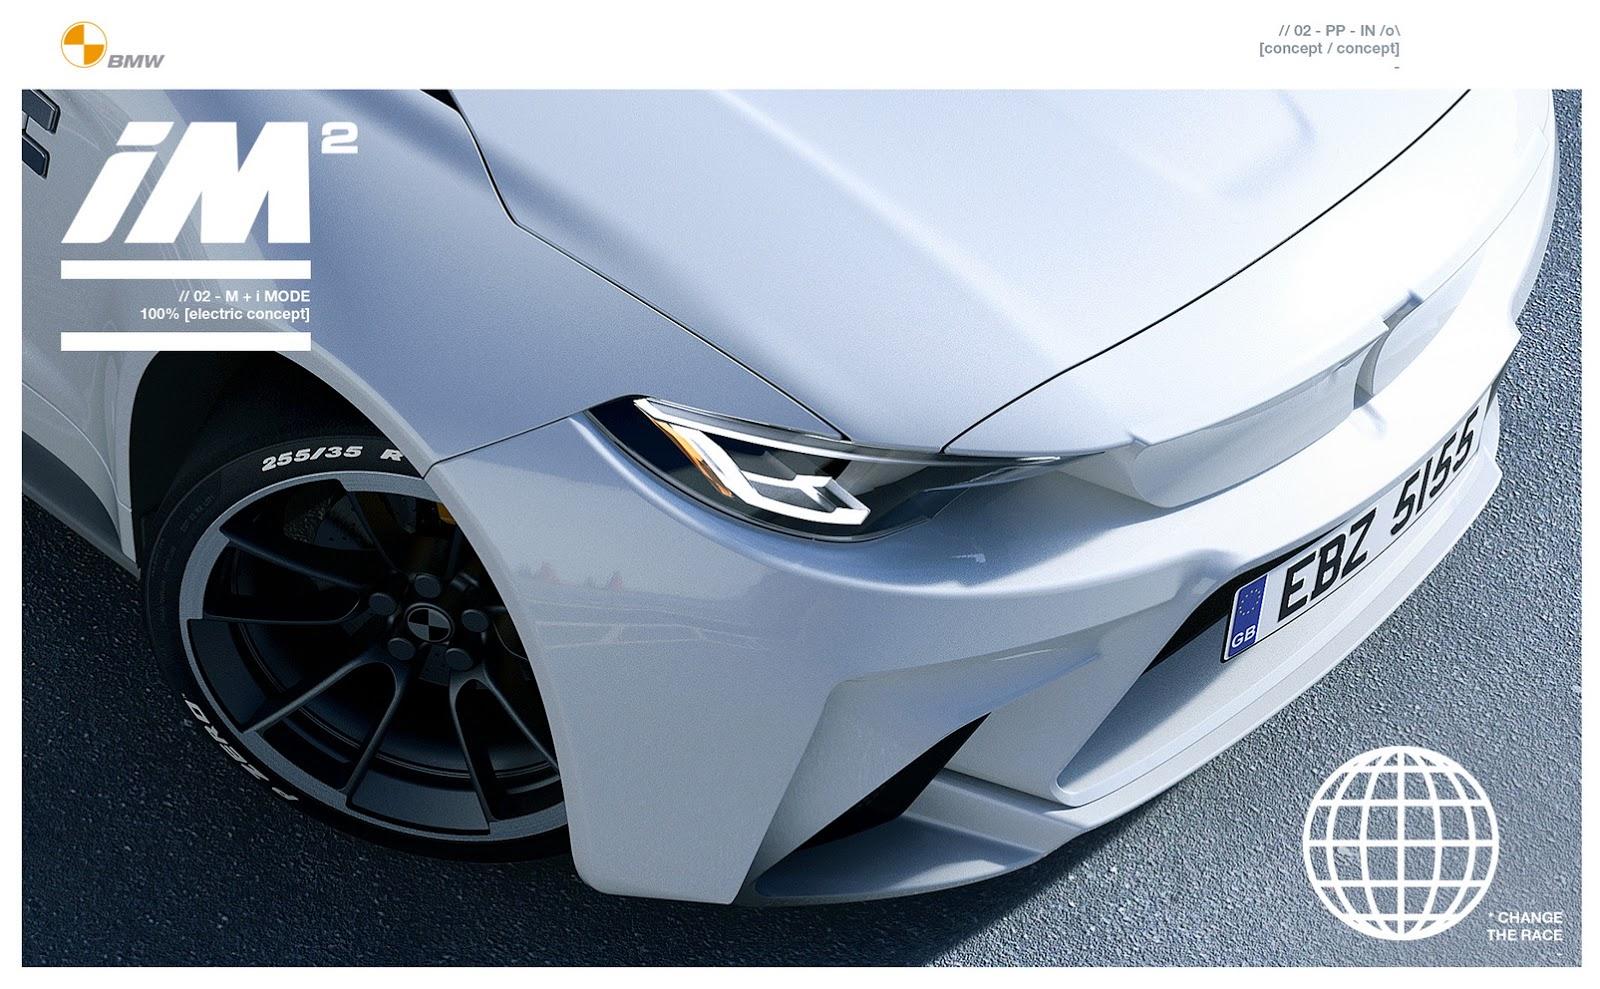 BMW_iM2_Concept_01